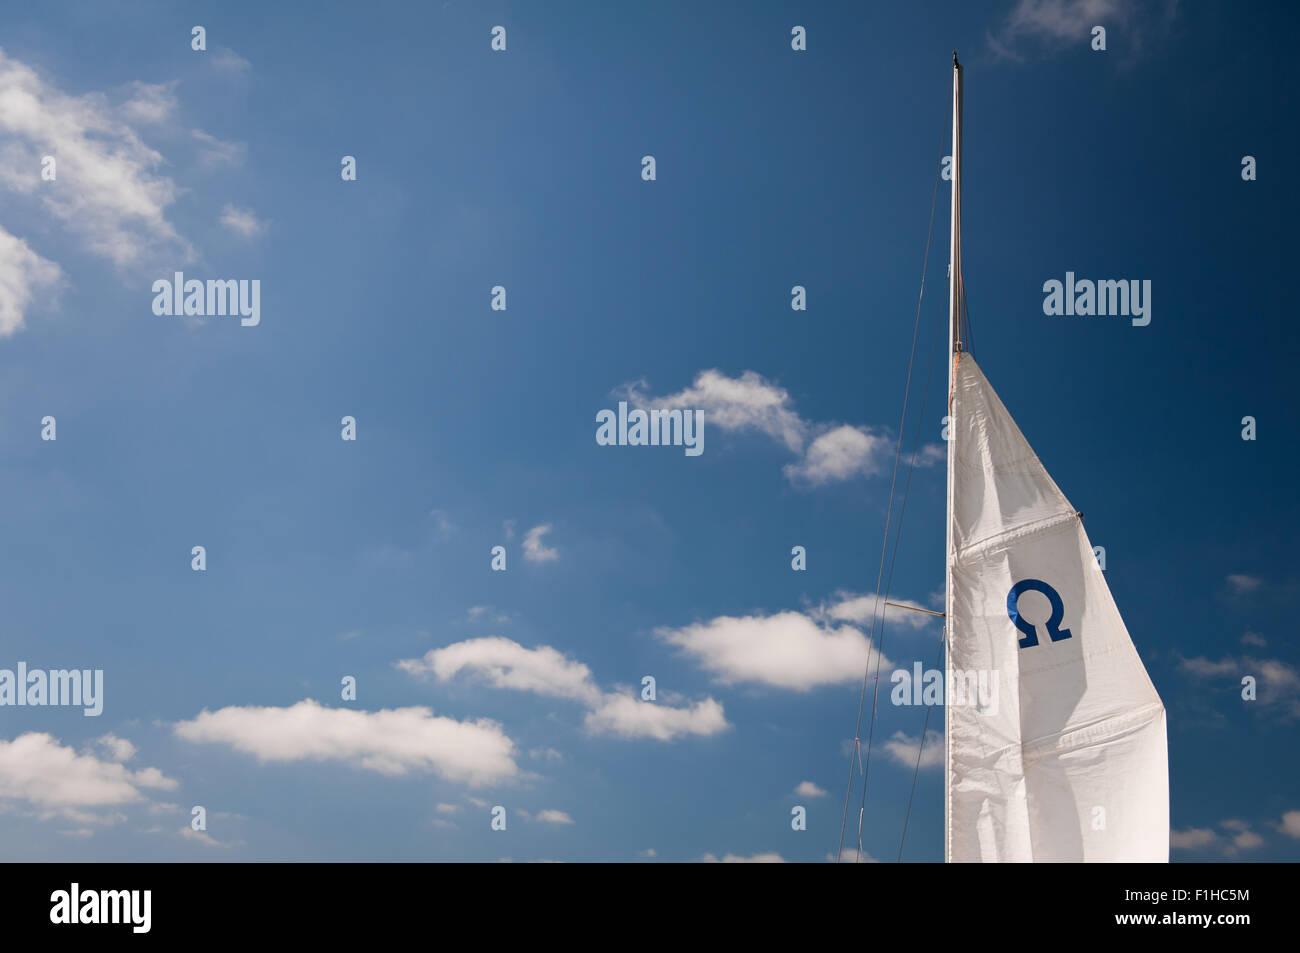 Omega symbol on mast - Stock Image